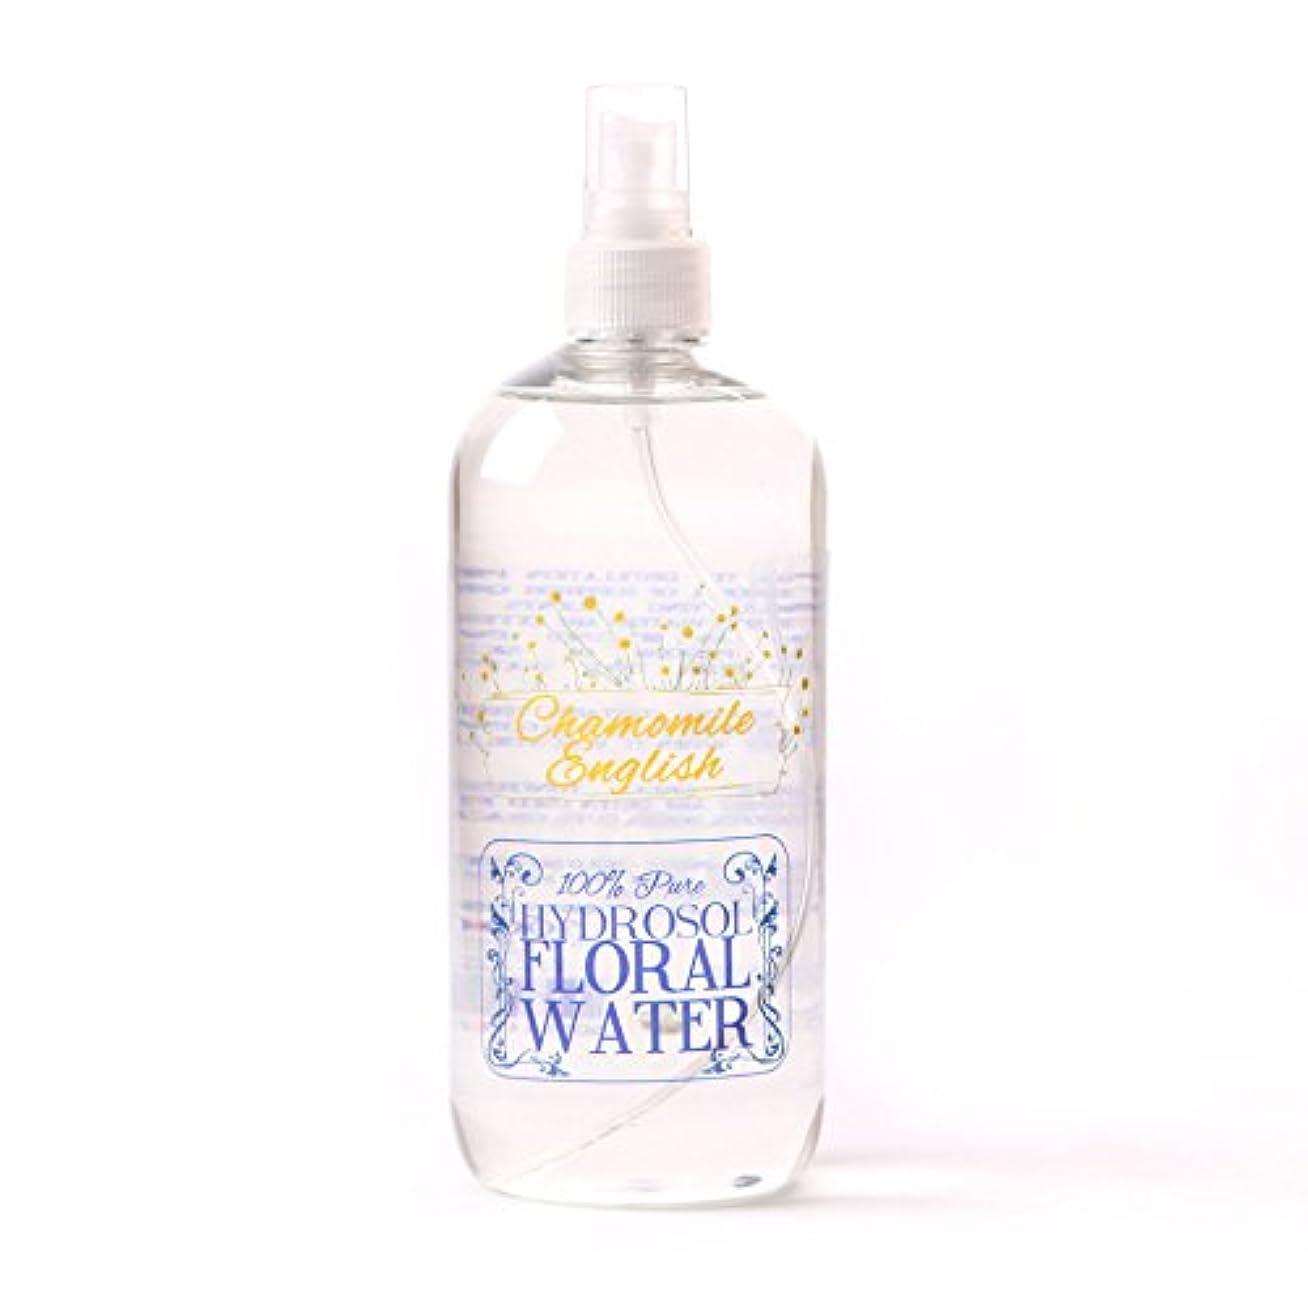 真面目な日付おなかがすいたEnglish Chamomile Hydrosol Floral Water With Spray Cap - 500ml